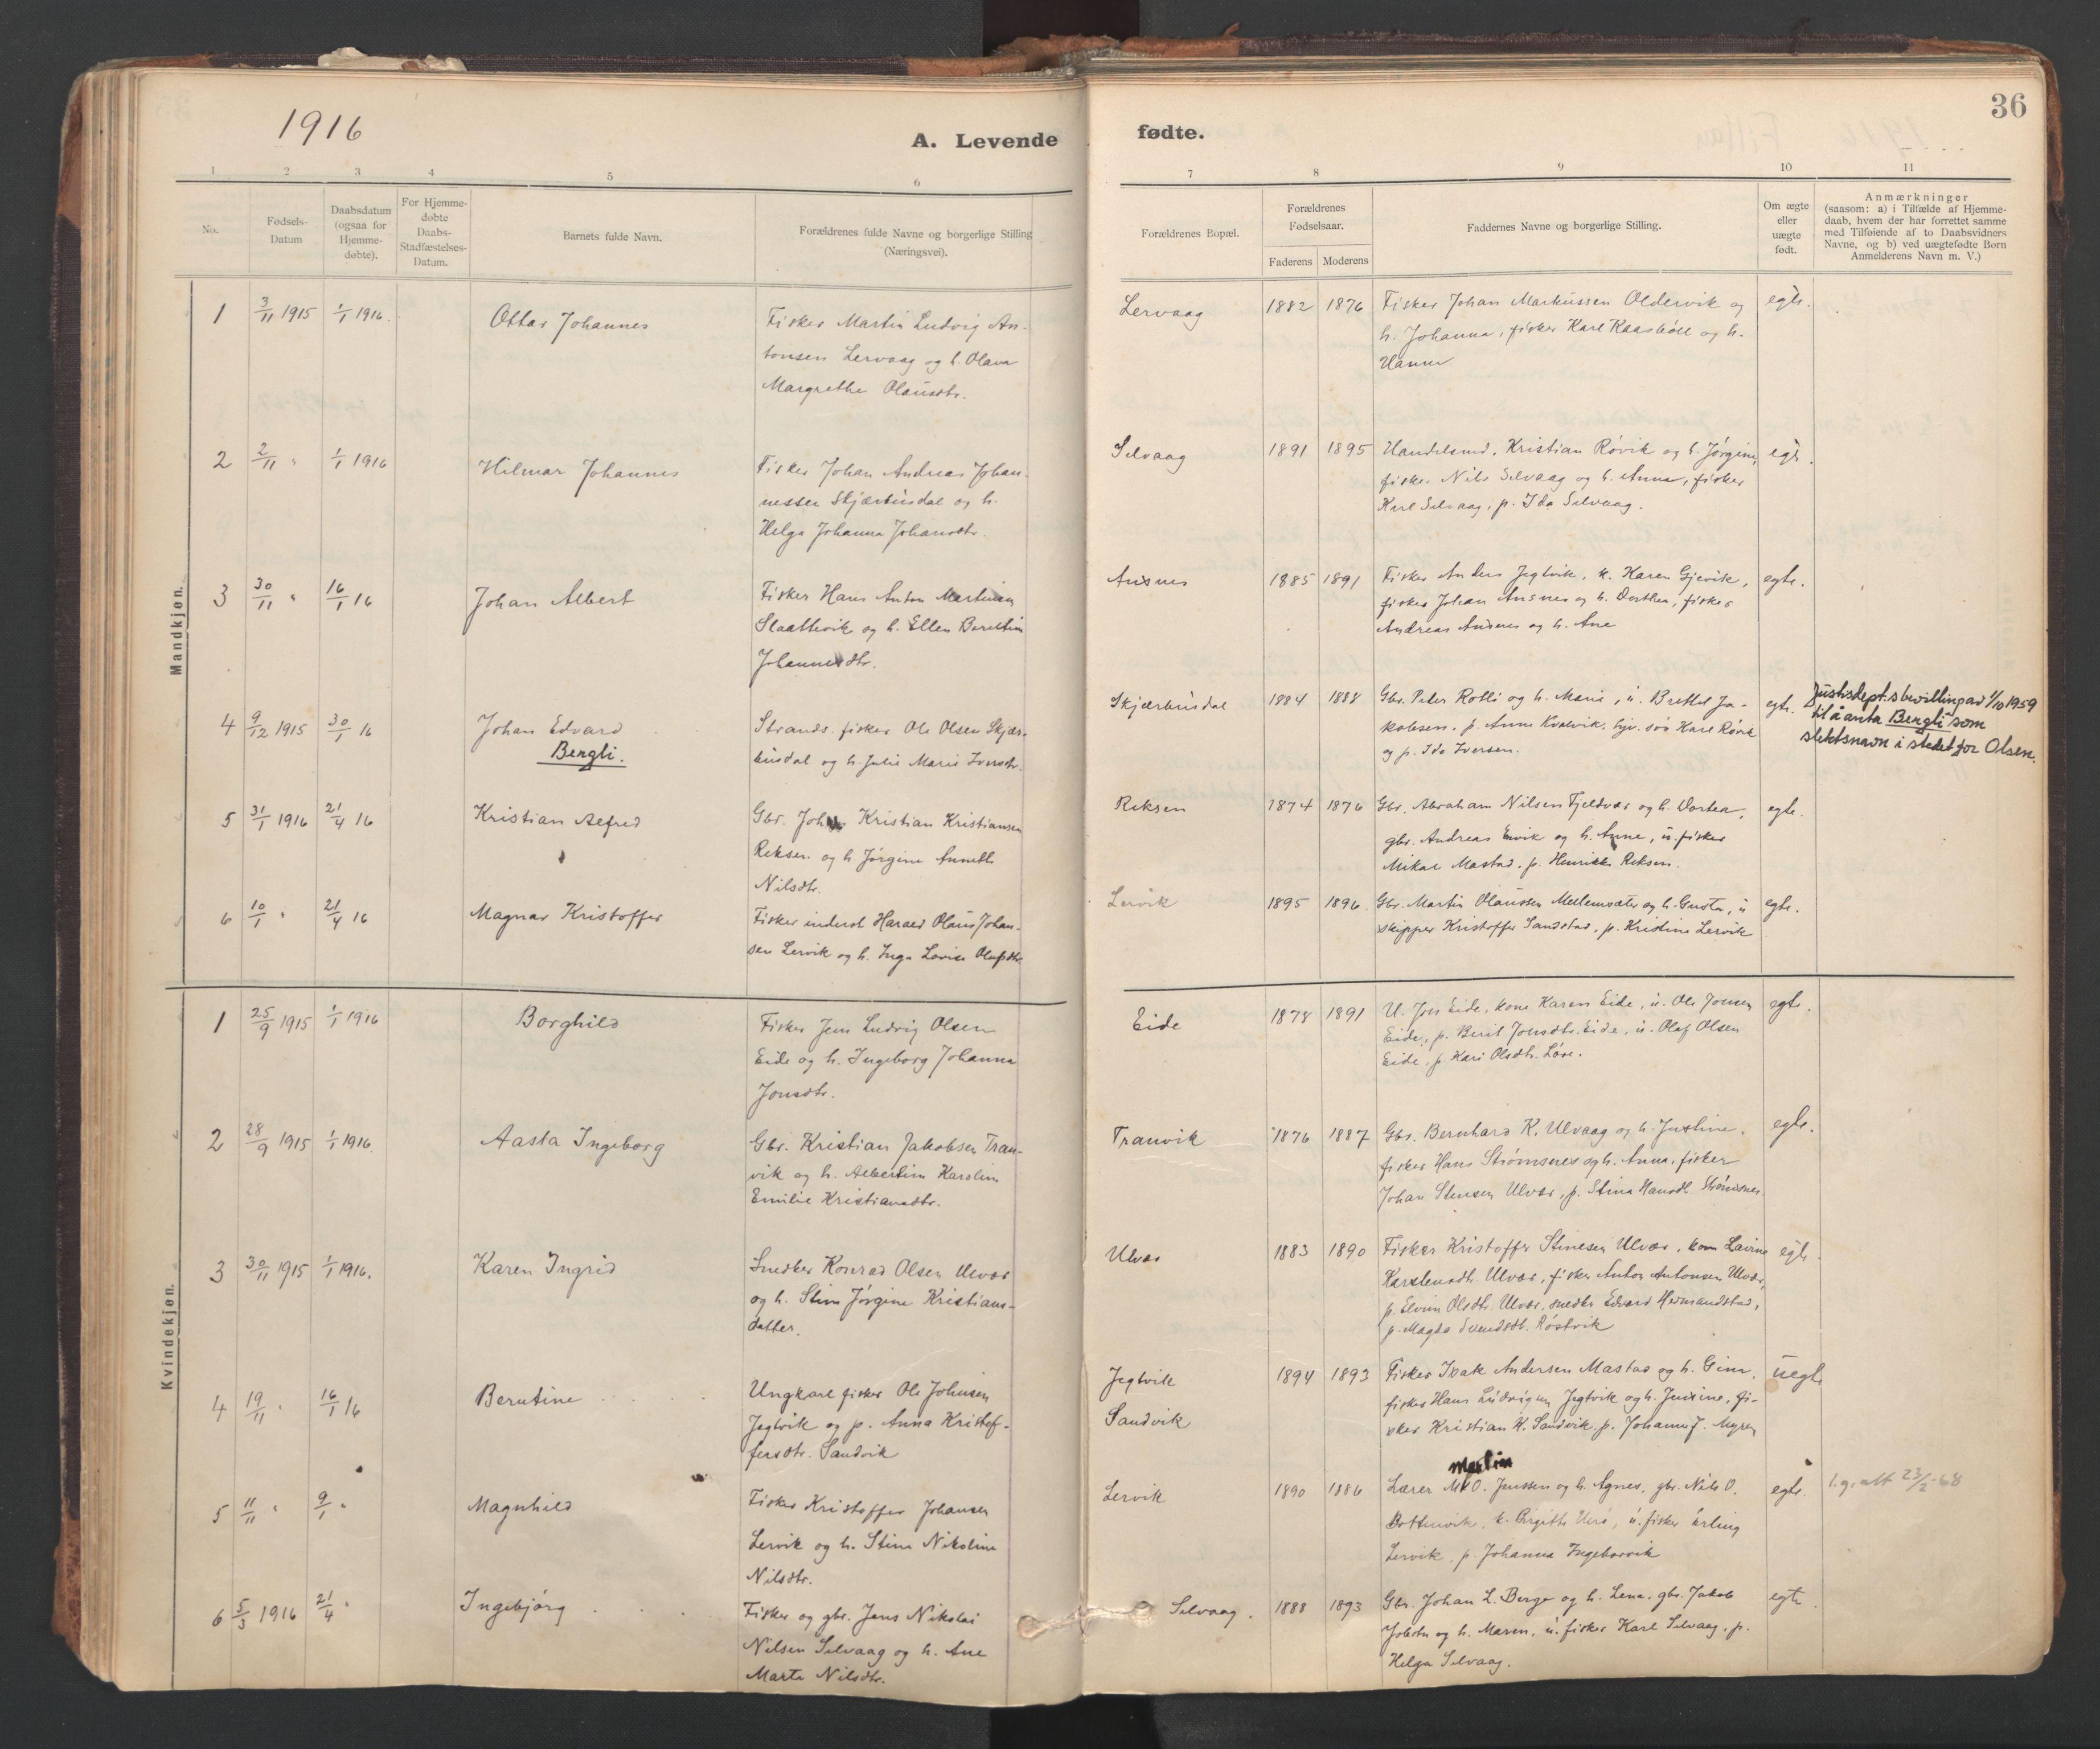 SAT, Ministerialprotokoller, klokkerbøker og fødselsregistre - Sør-Trøndelag, 637/L0559: Ministerialbok nr. 637A02, 1899-1923, s. 36